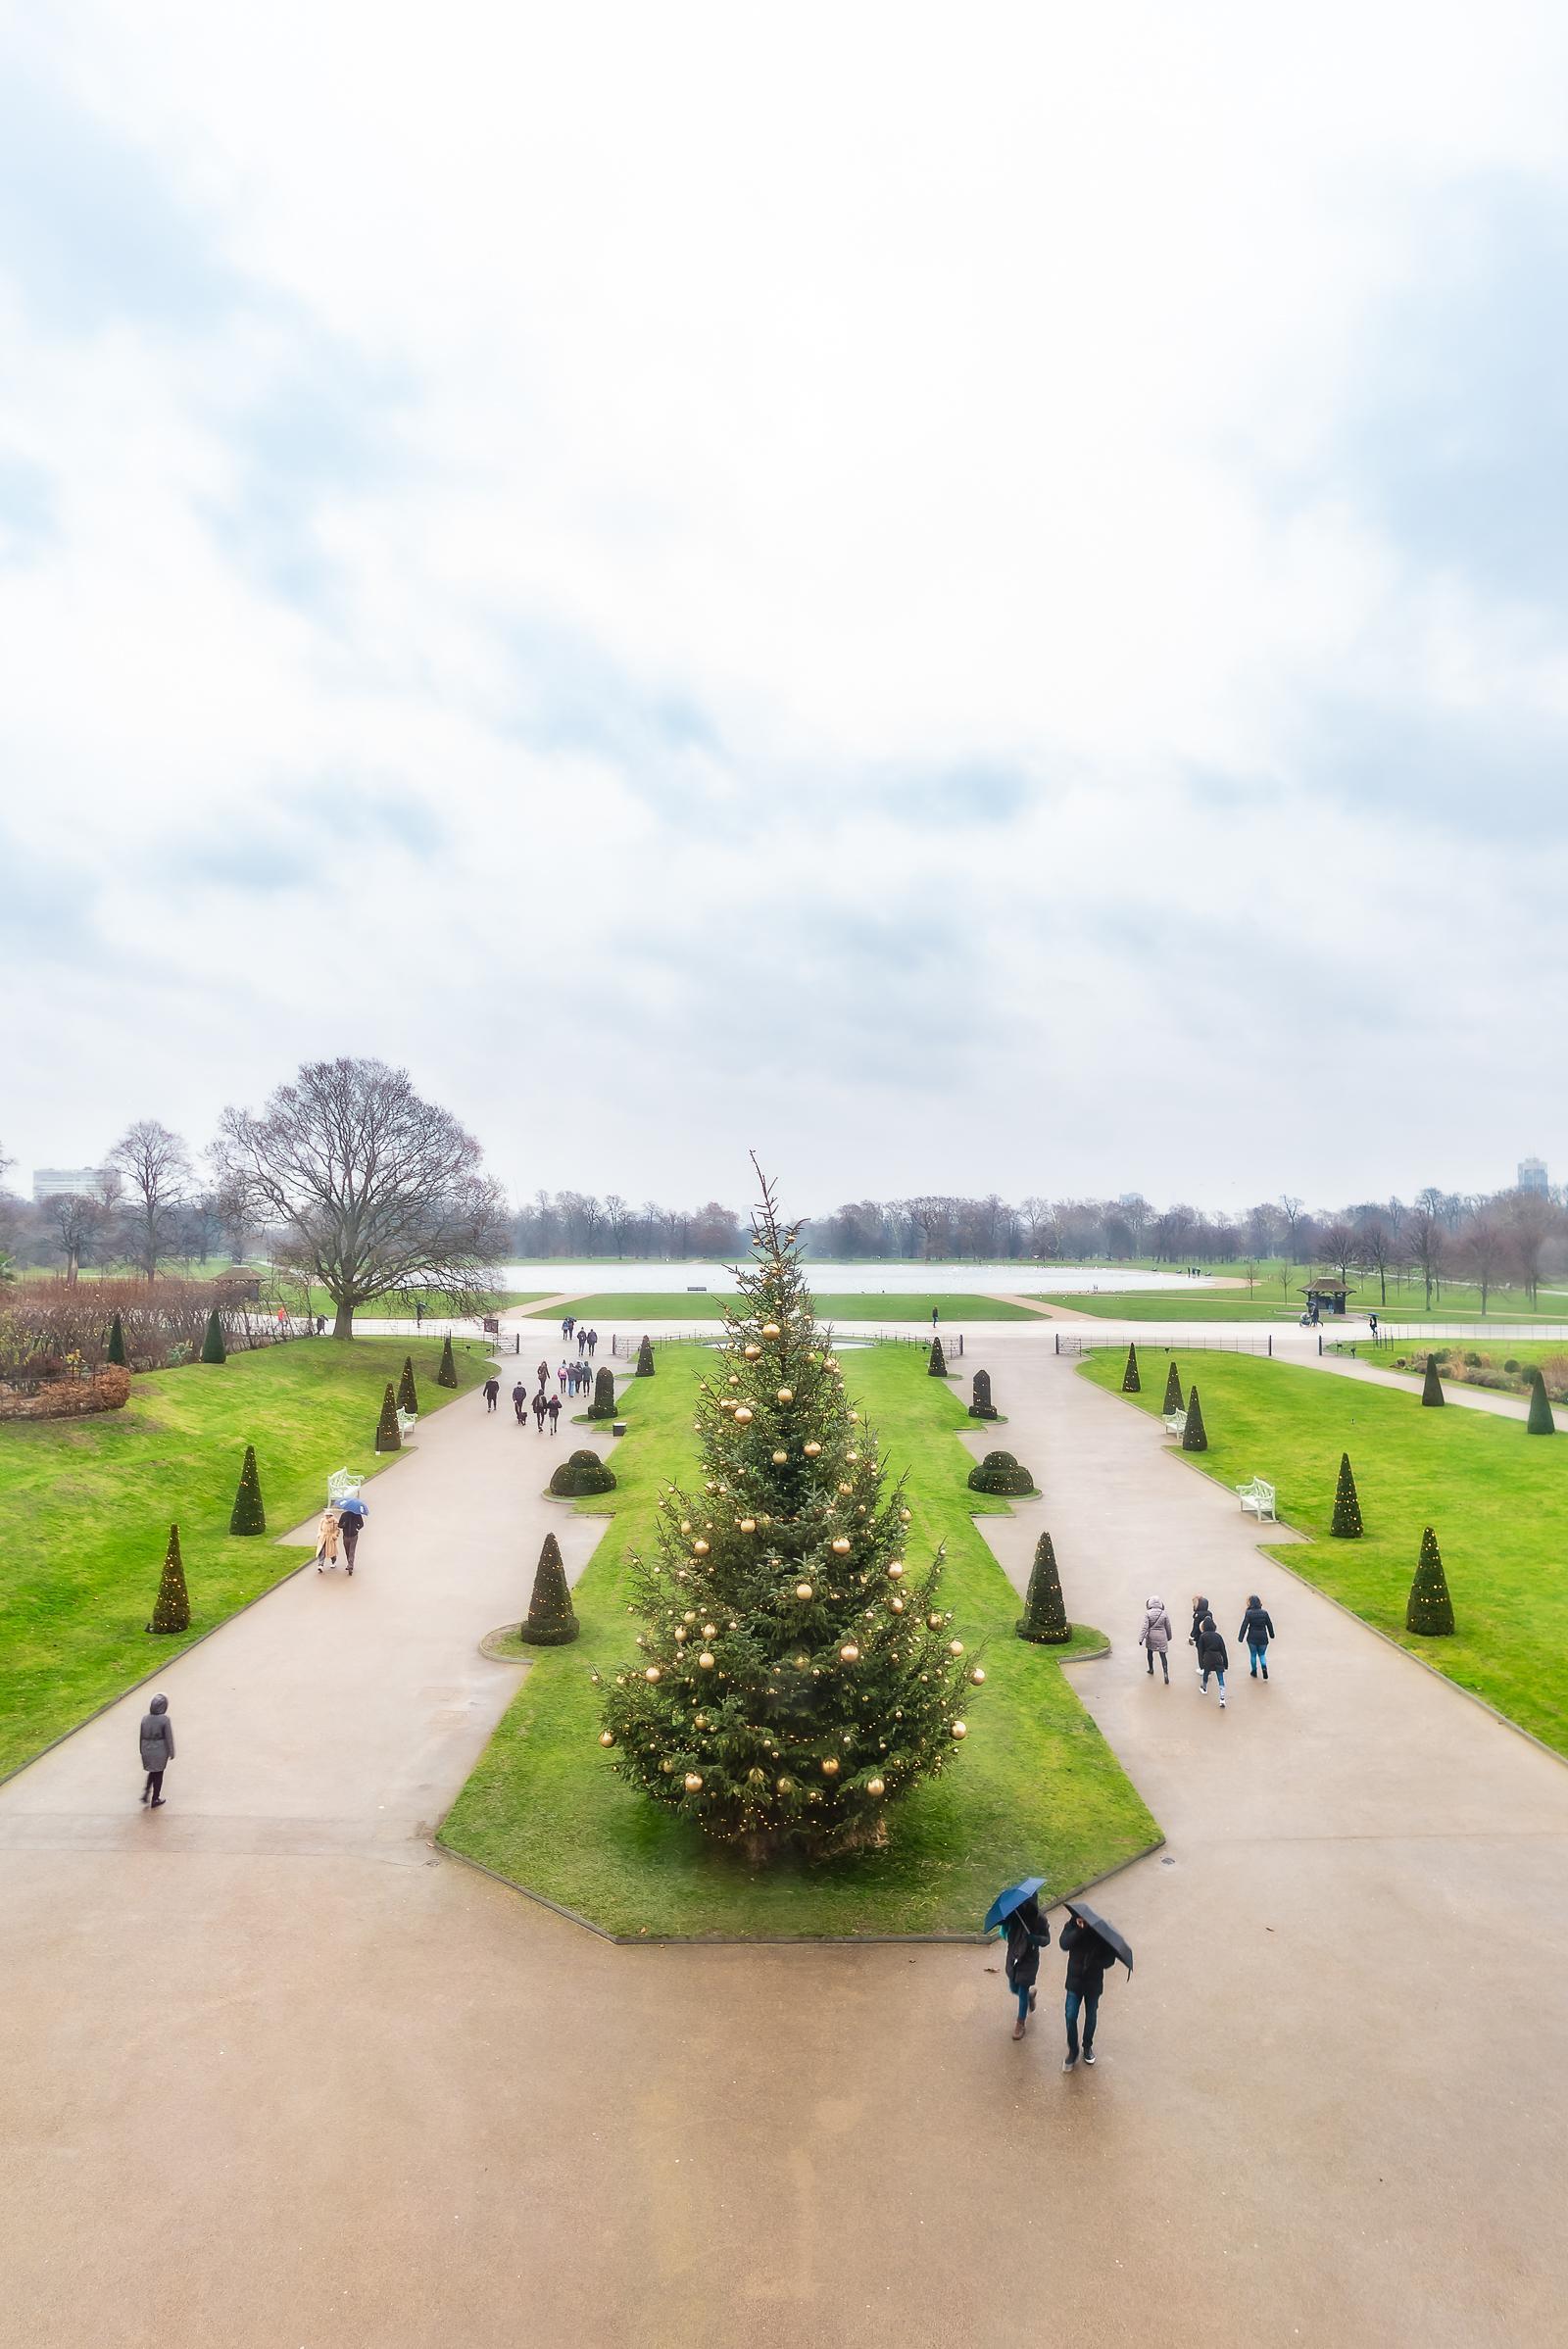 Kensington Palace London December 2018